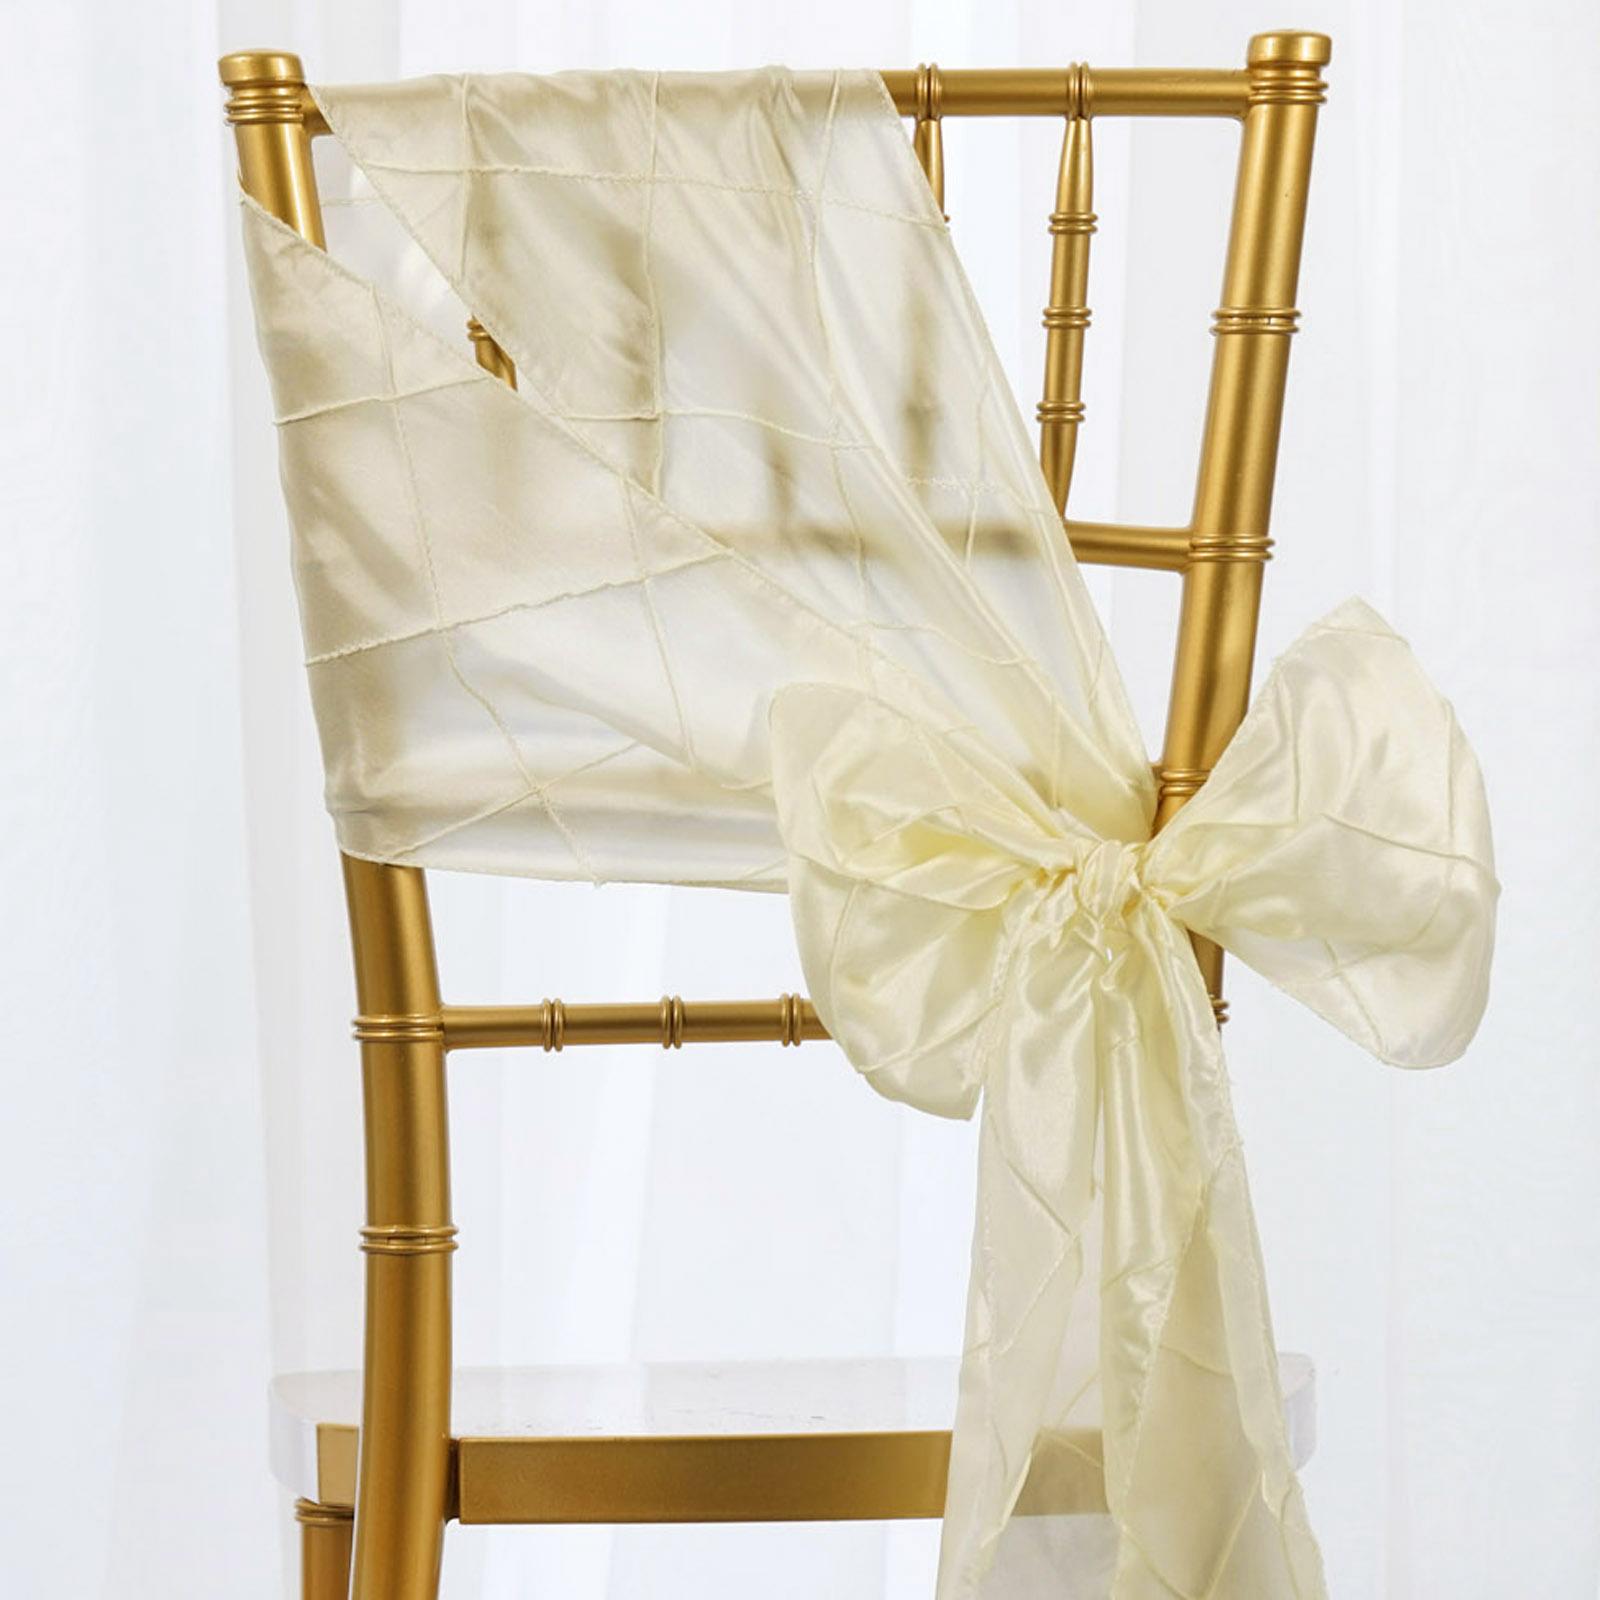 sashp ptk ivr  01 - Cheap Wedding Chair Sashes